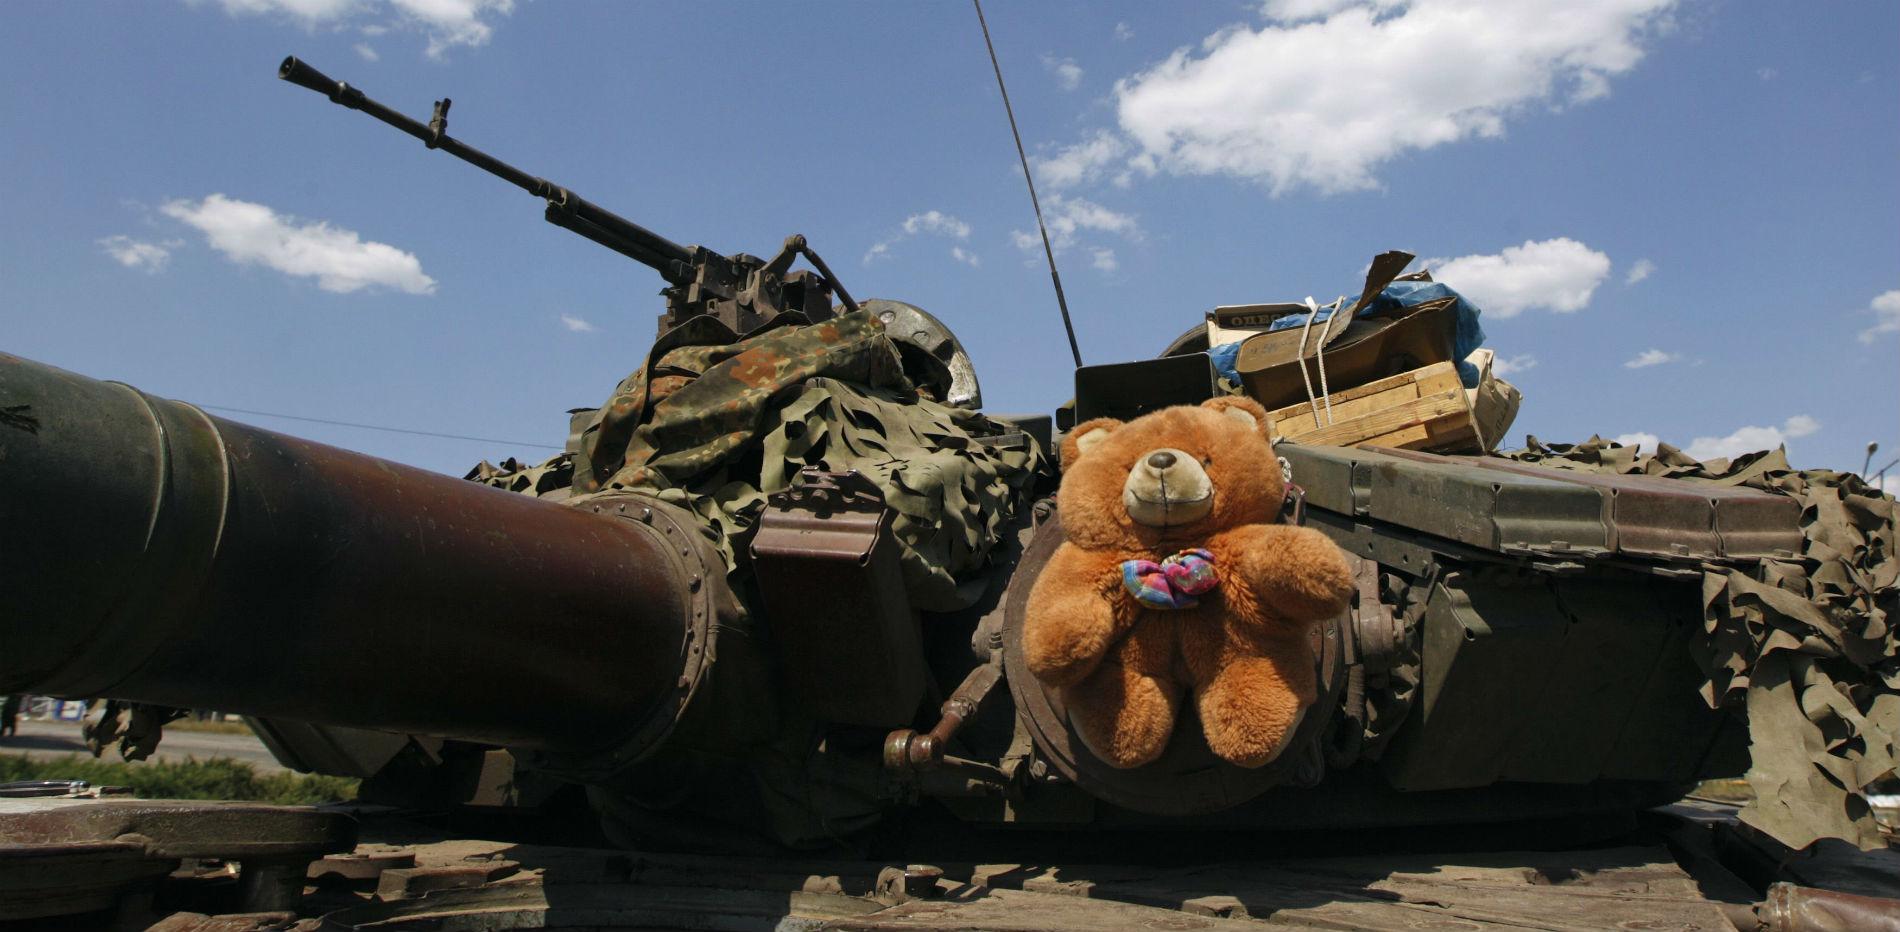 Плюшевый медведь на танке